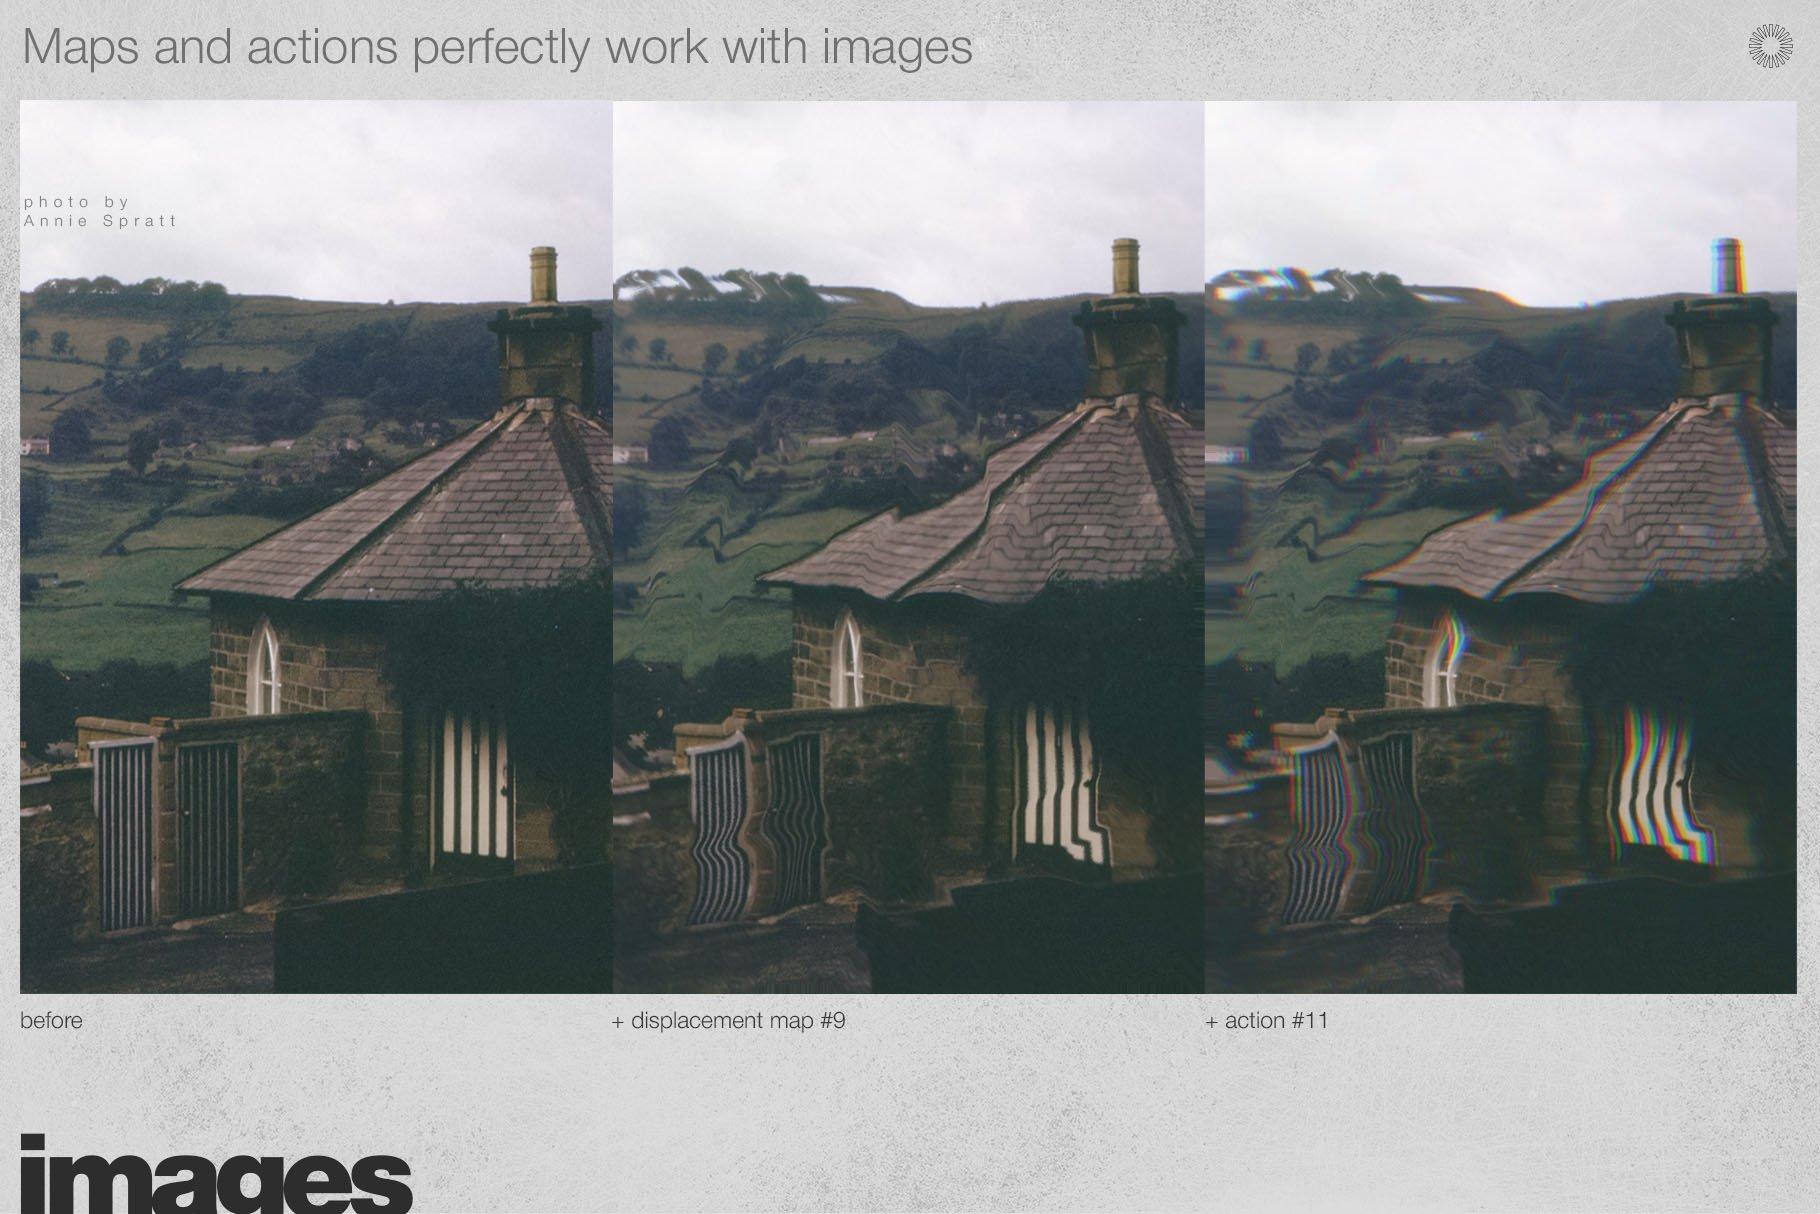 潮流创意抽象故障扭曲置换海报字体特效PS设计素材 Kinetic – Displacement Maps插图8